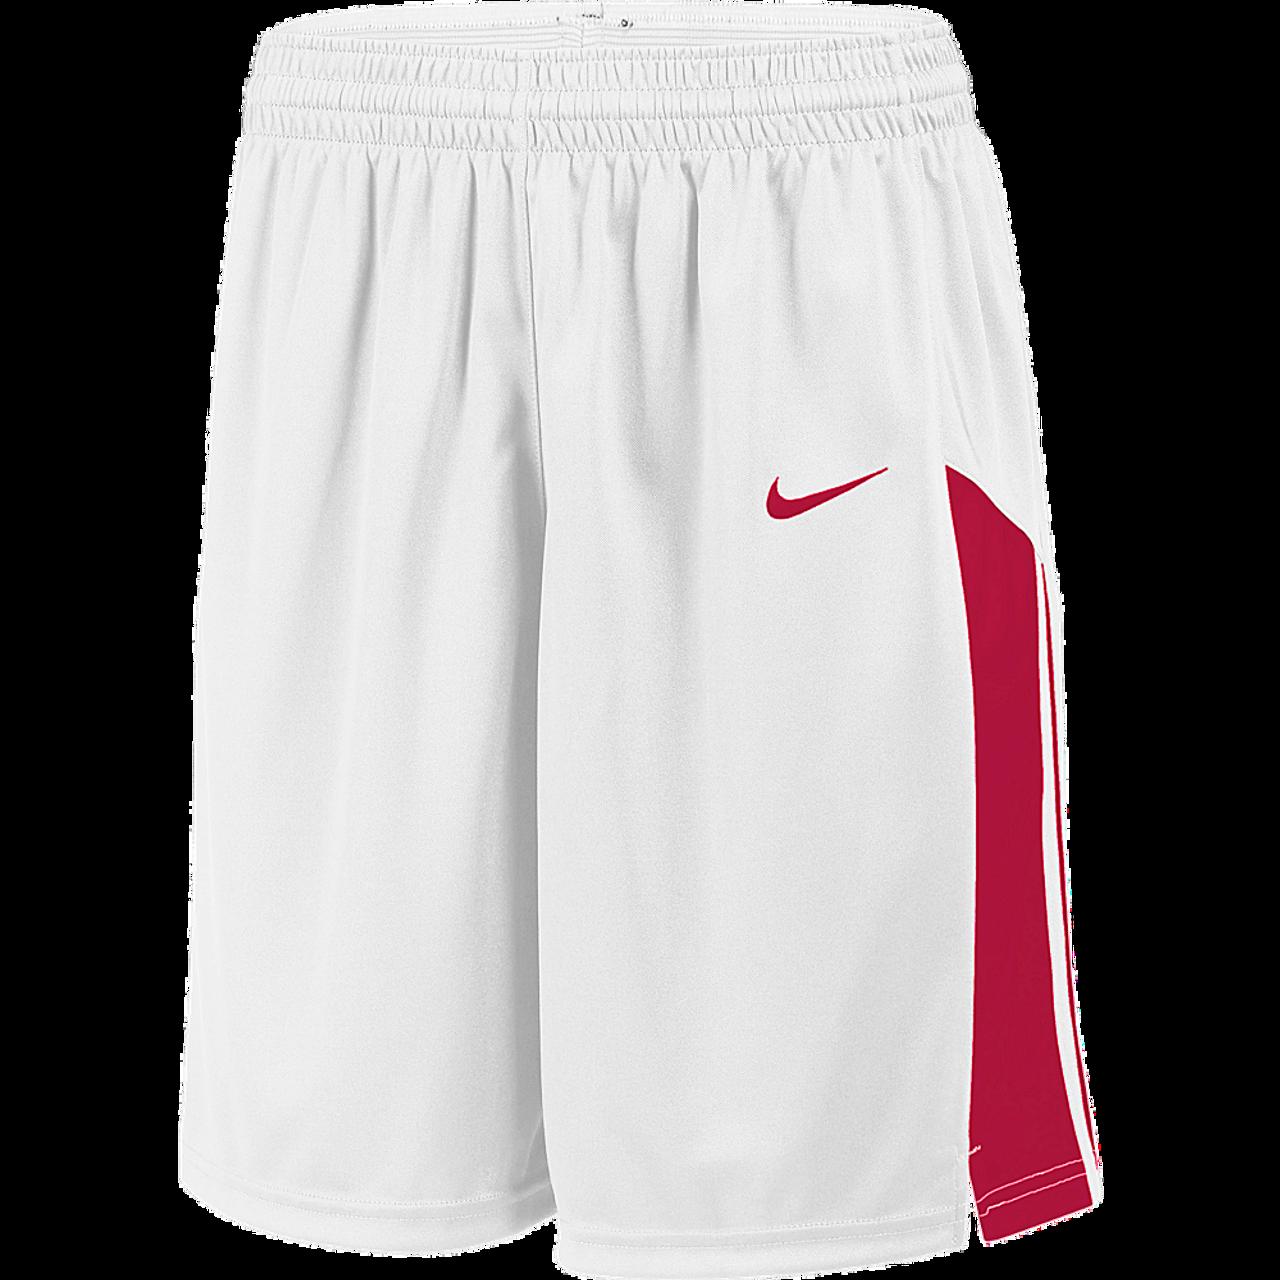 3596720dd54e Nike Womens Fastbreak Short - White Scarlet - Athlete Performance Solutions  EU